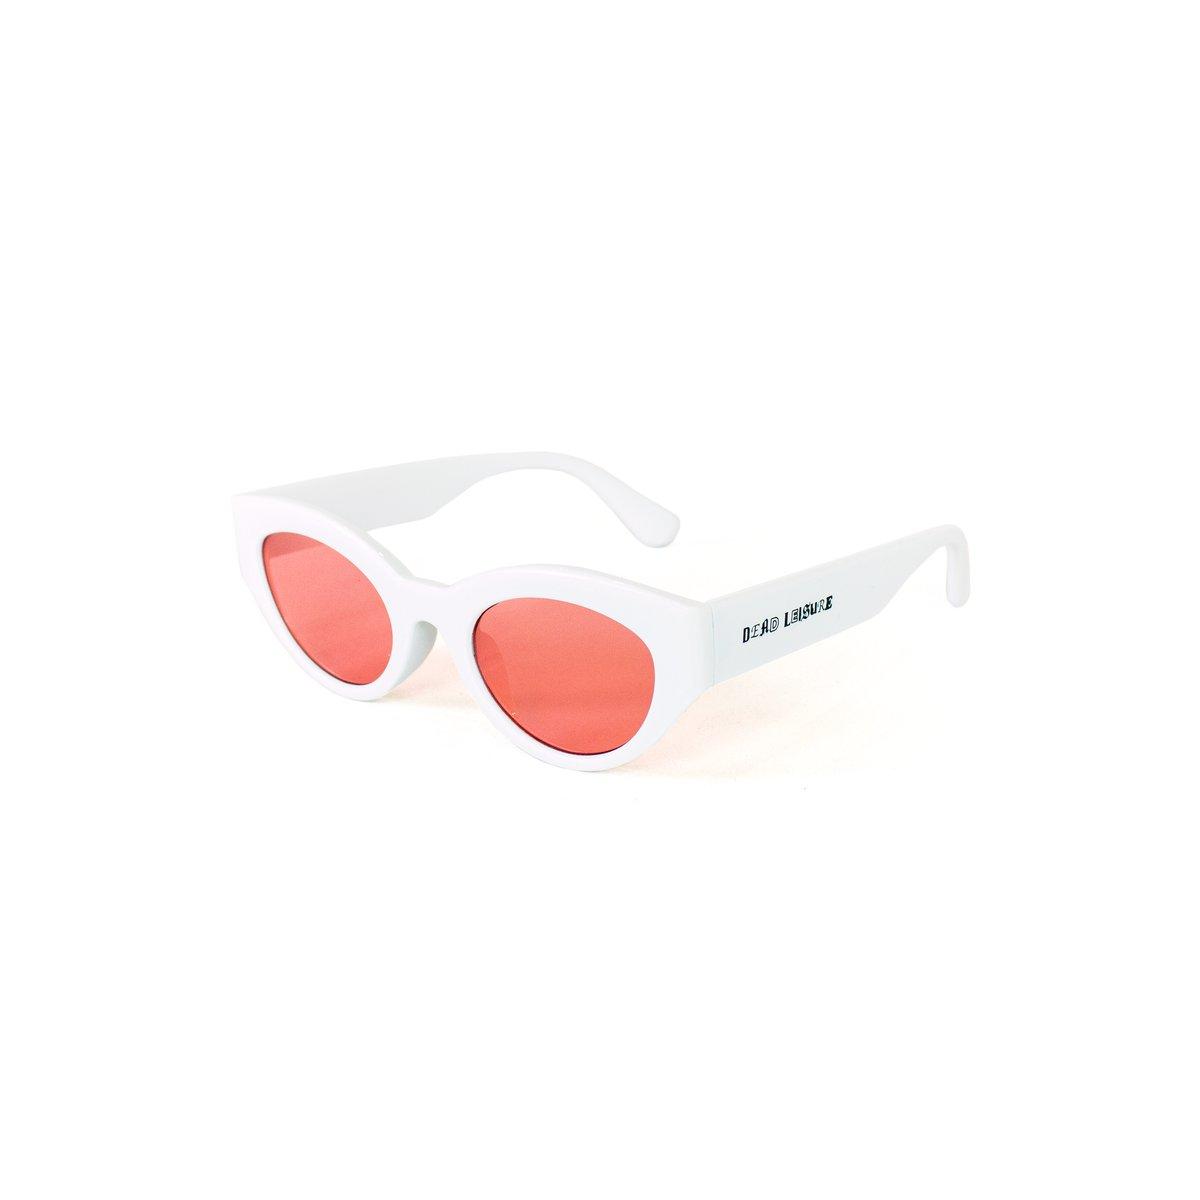 Blinkers Sunglasses - White